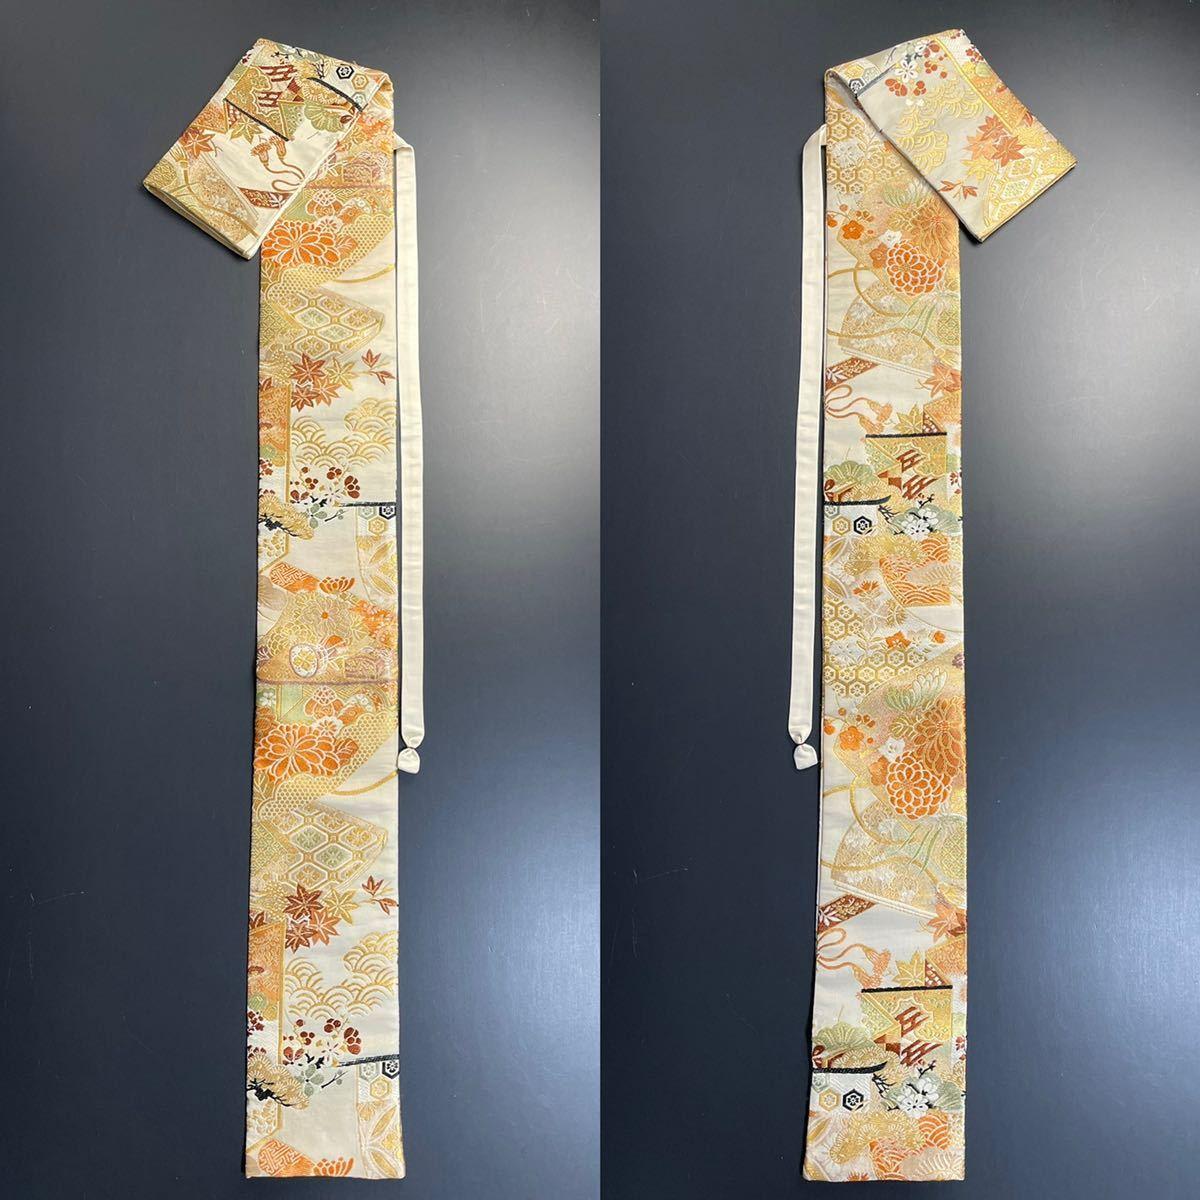 限定4本 日本刀 太刀 刀 刀袋 豪華 華紋 職人ハンドメイド 100% 正絹使用 一点物 3-3_画像9